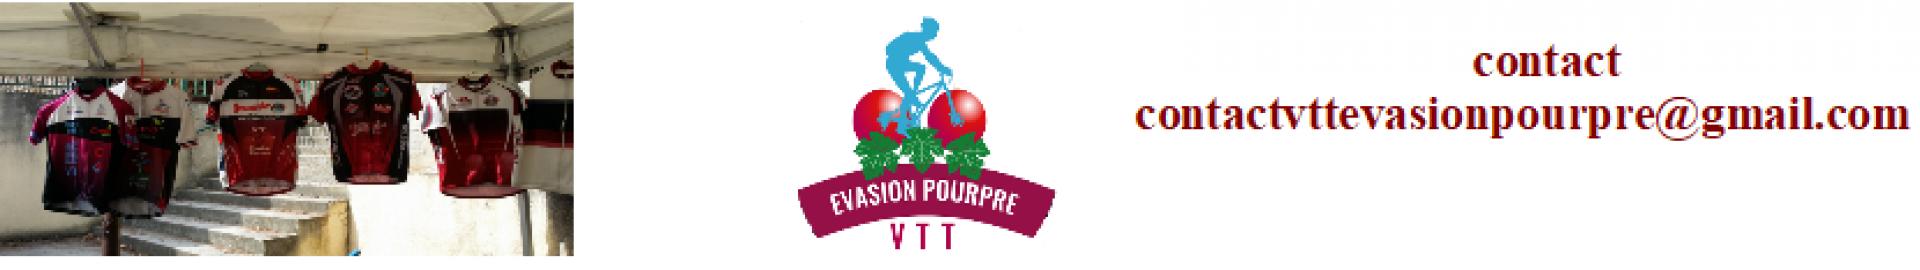 VTT Evasion Pourpre